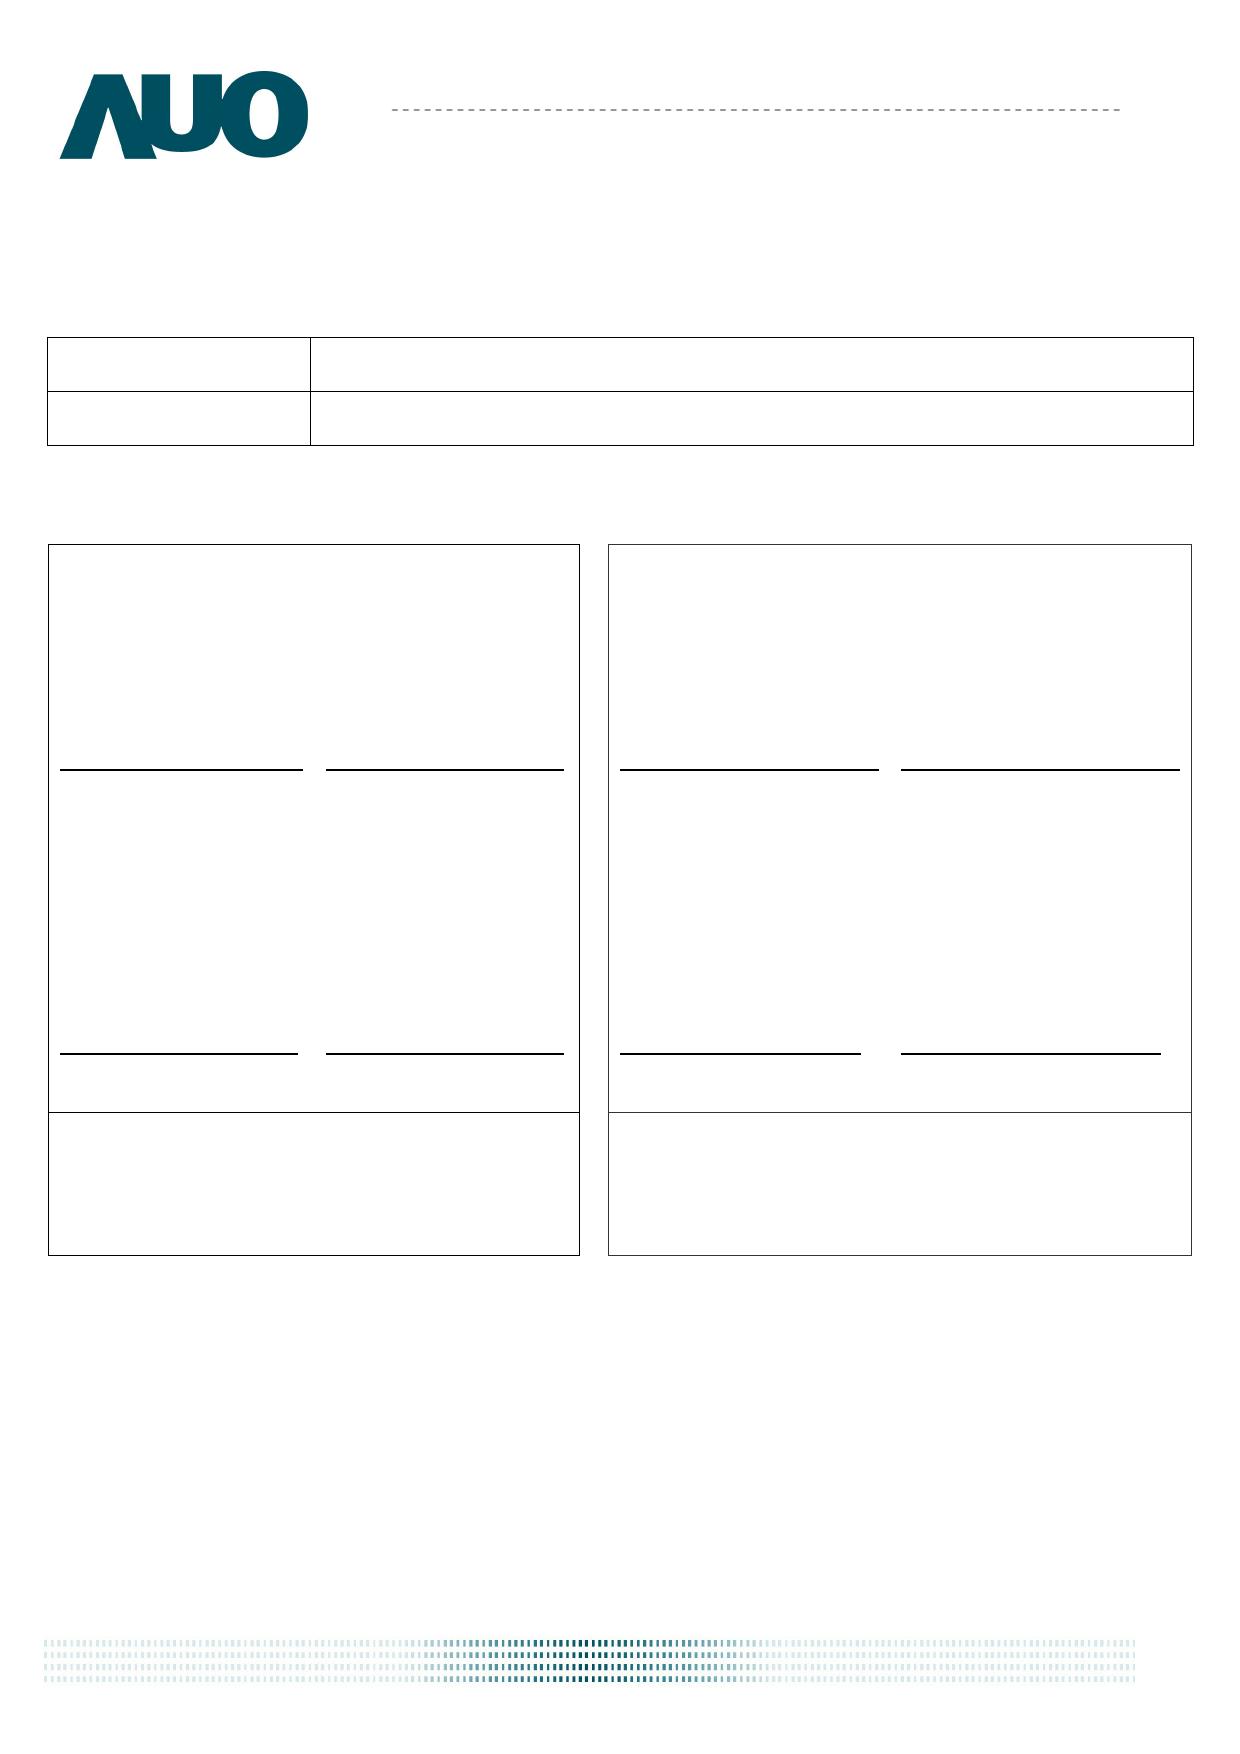 G065VN01_V2 datasheet